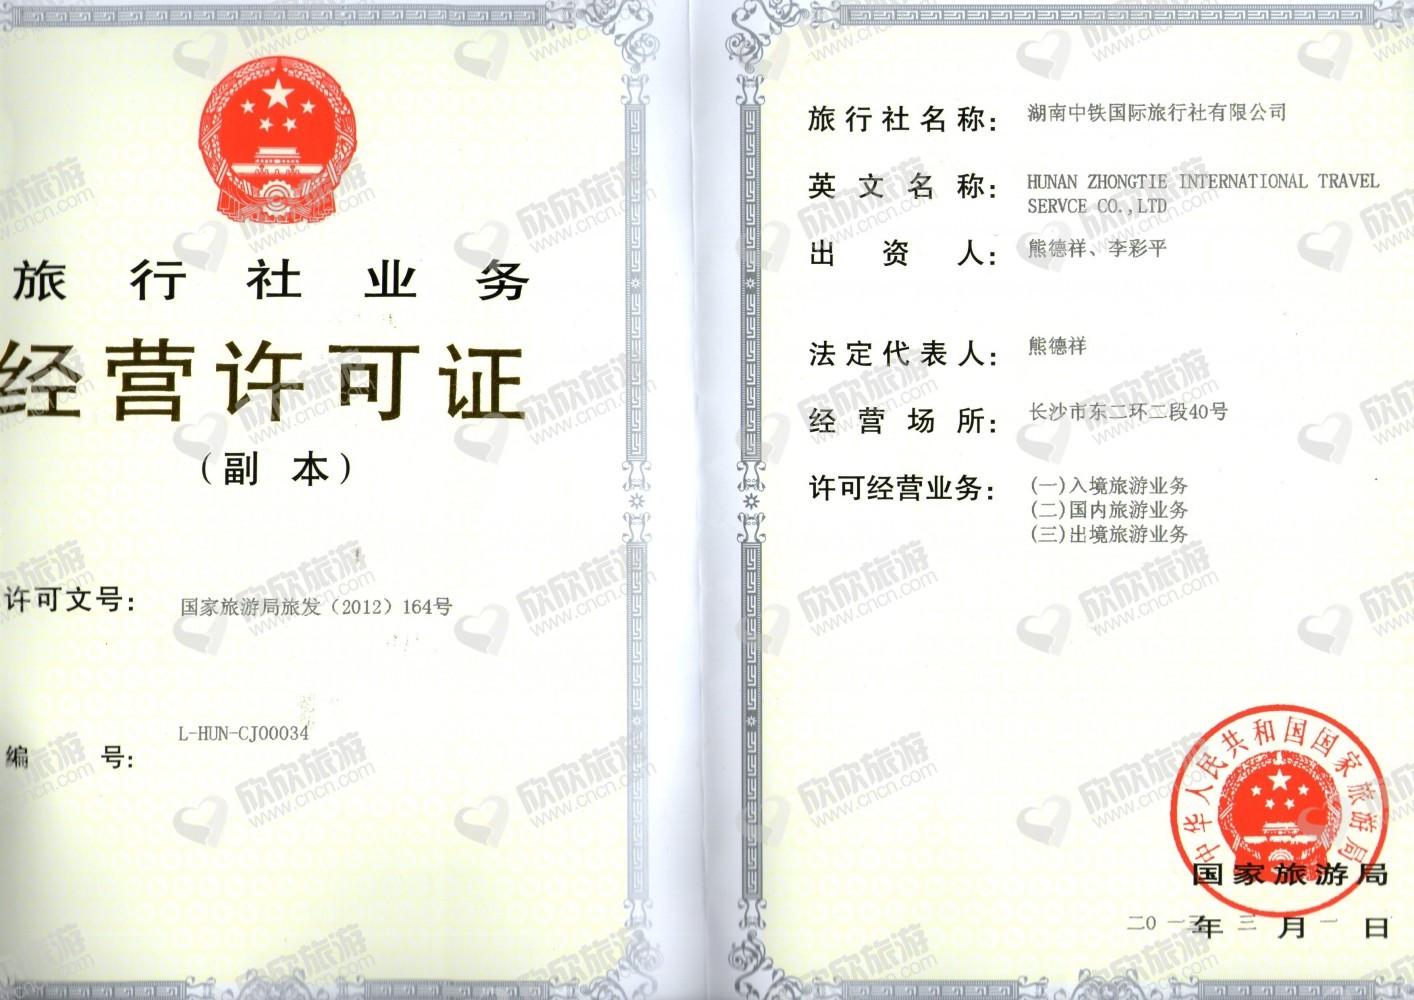 湖南中铁国际旅行社有限公司经营许可证